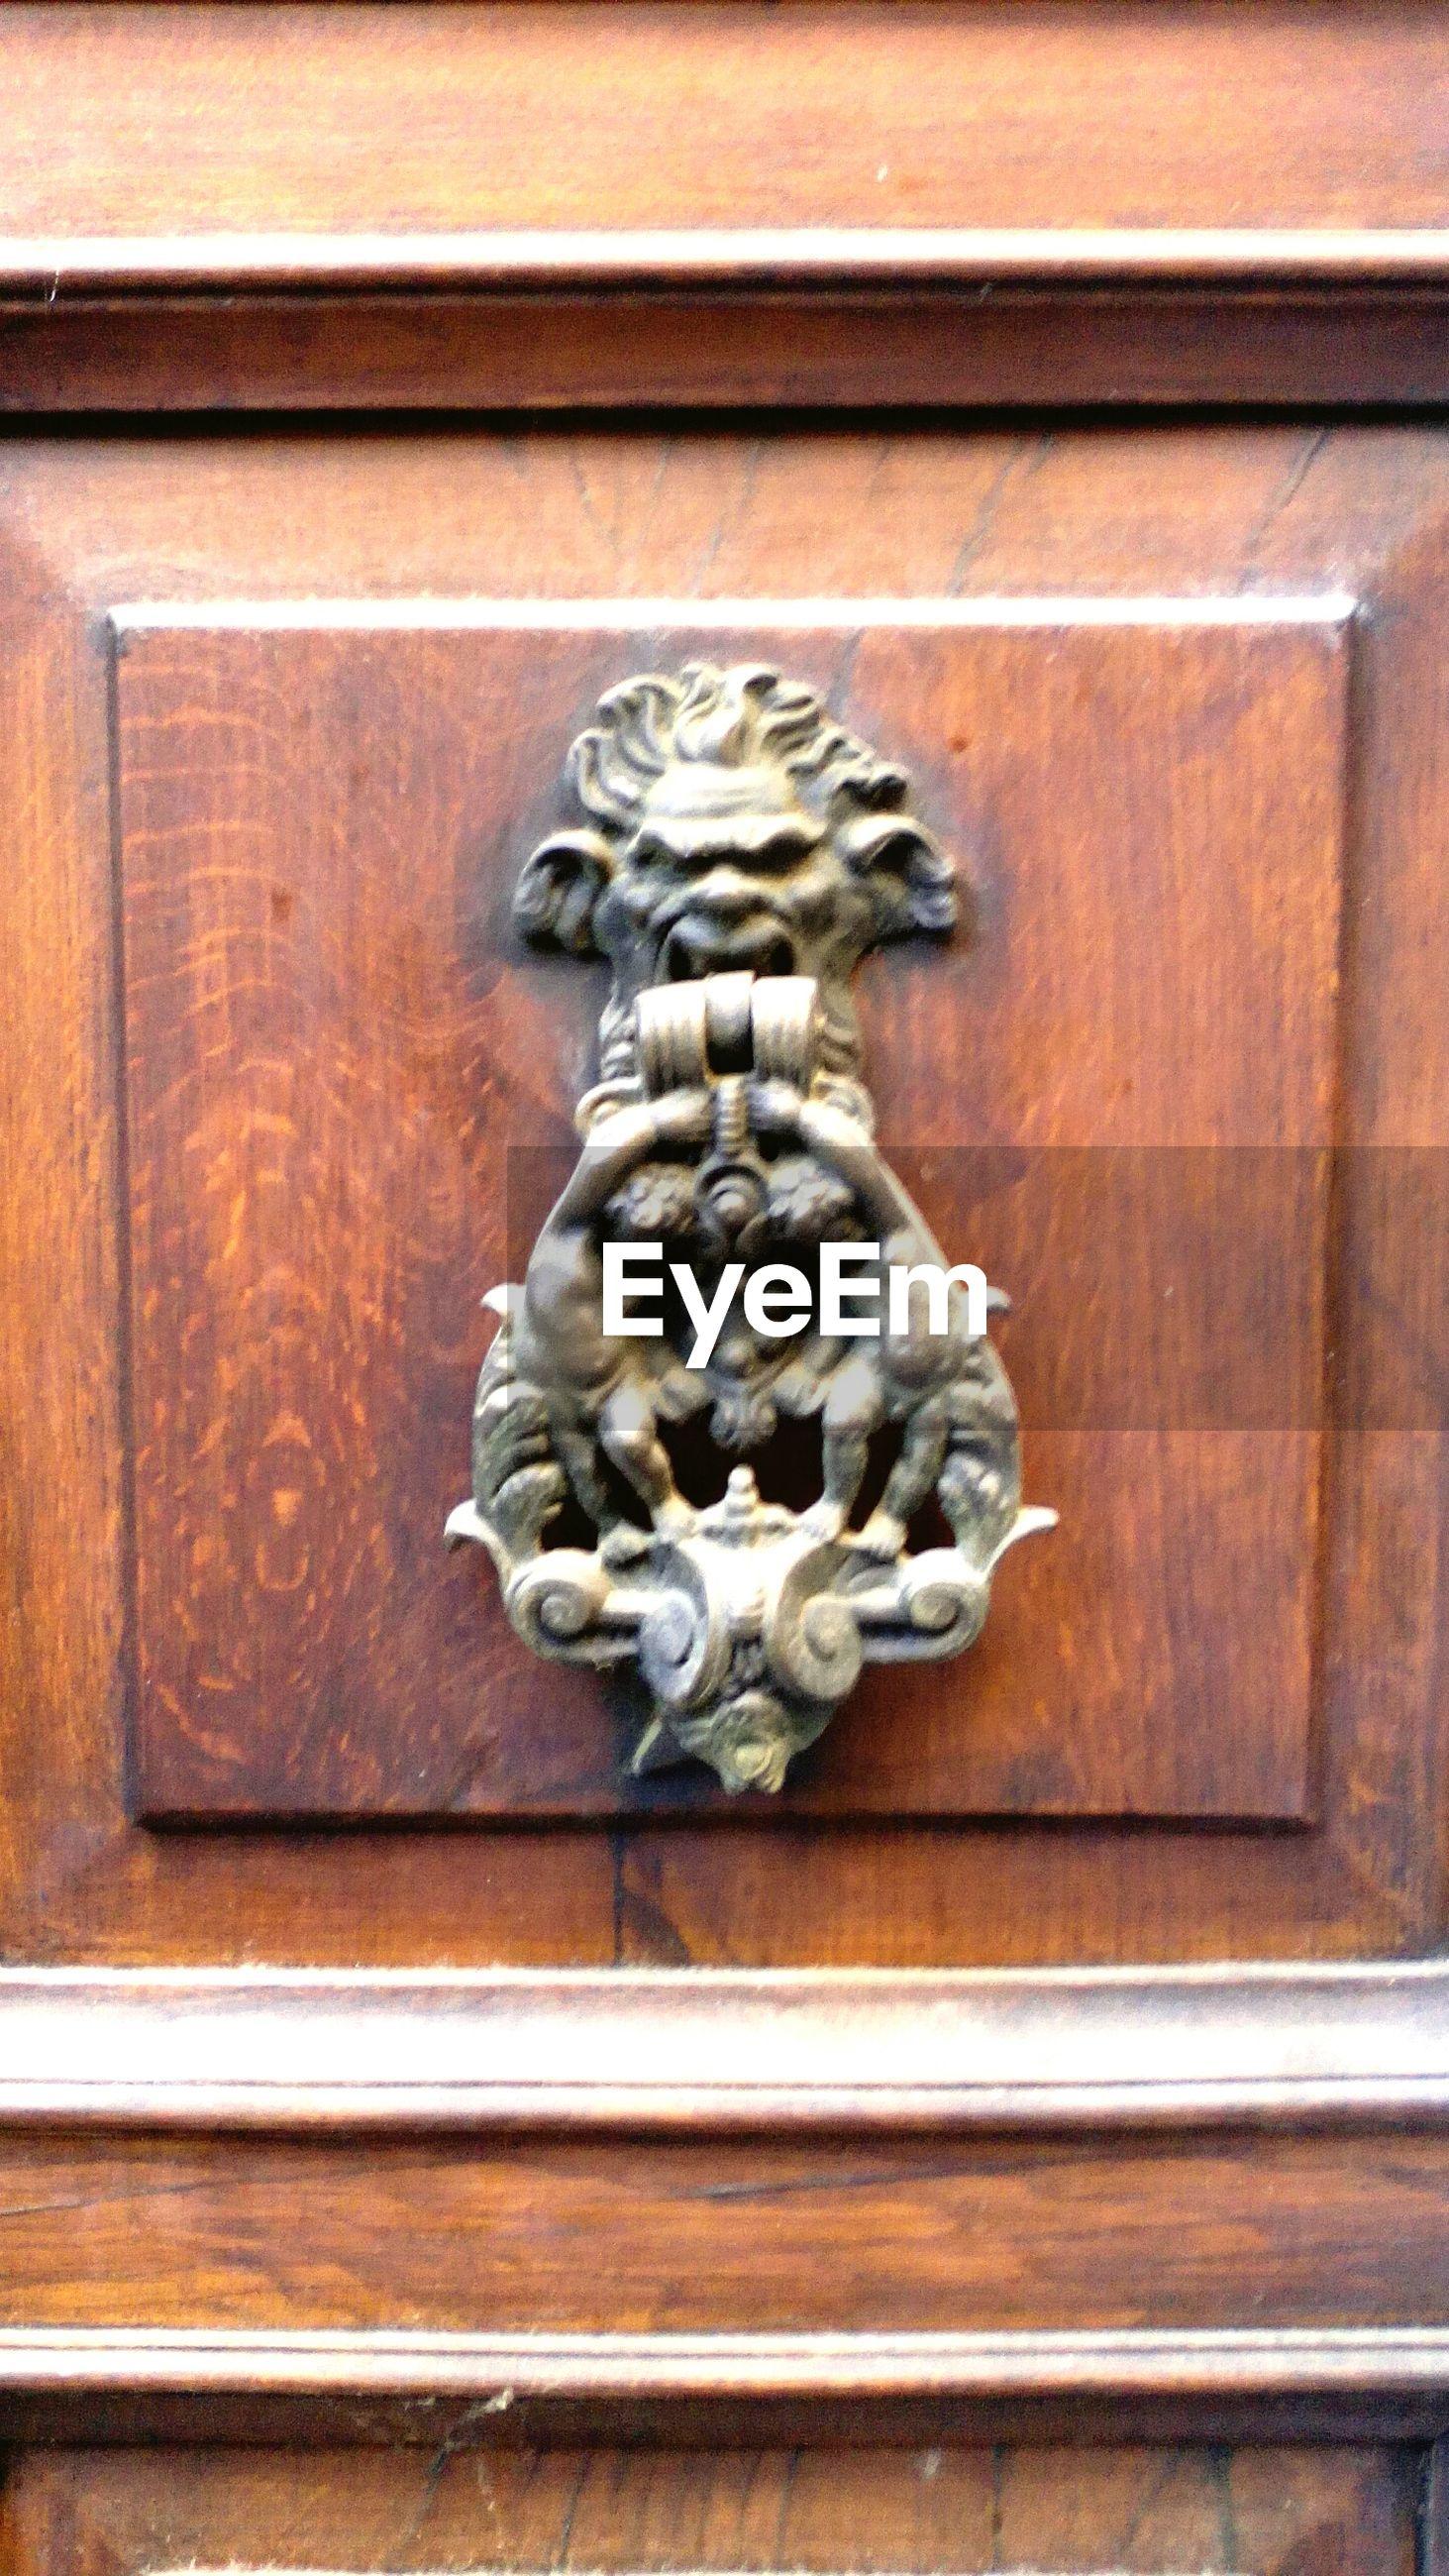 CLOSE-UP OF STATUE ON DOOR